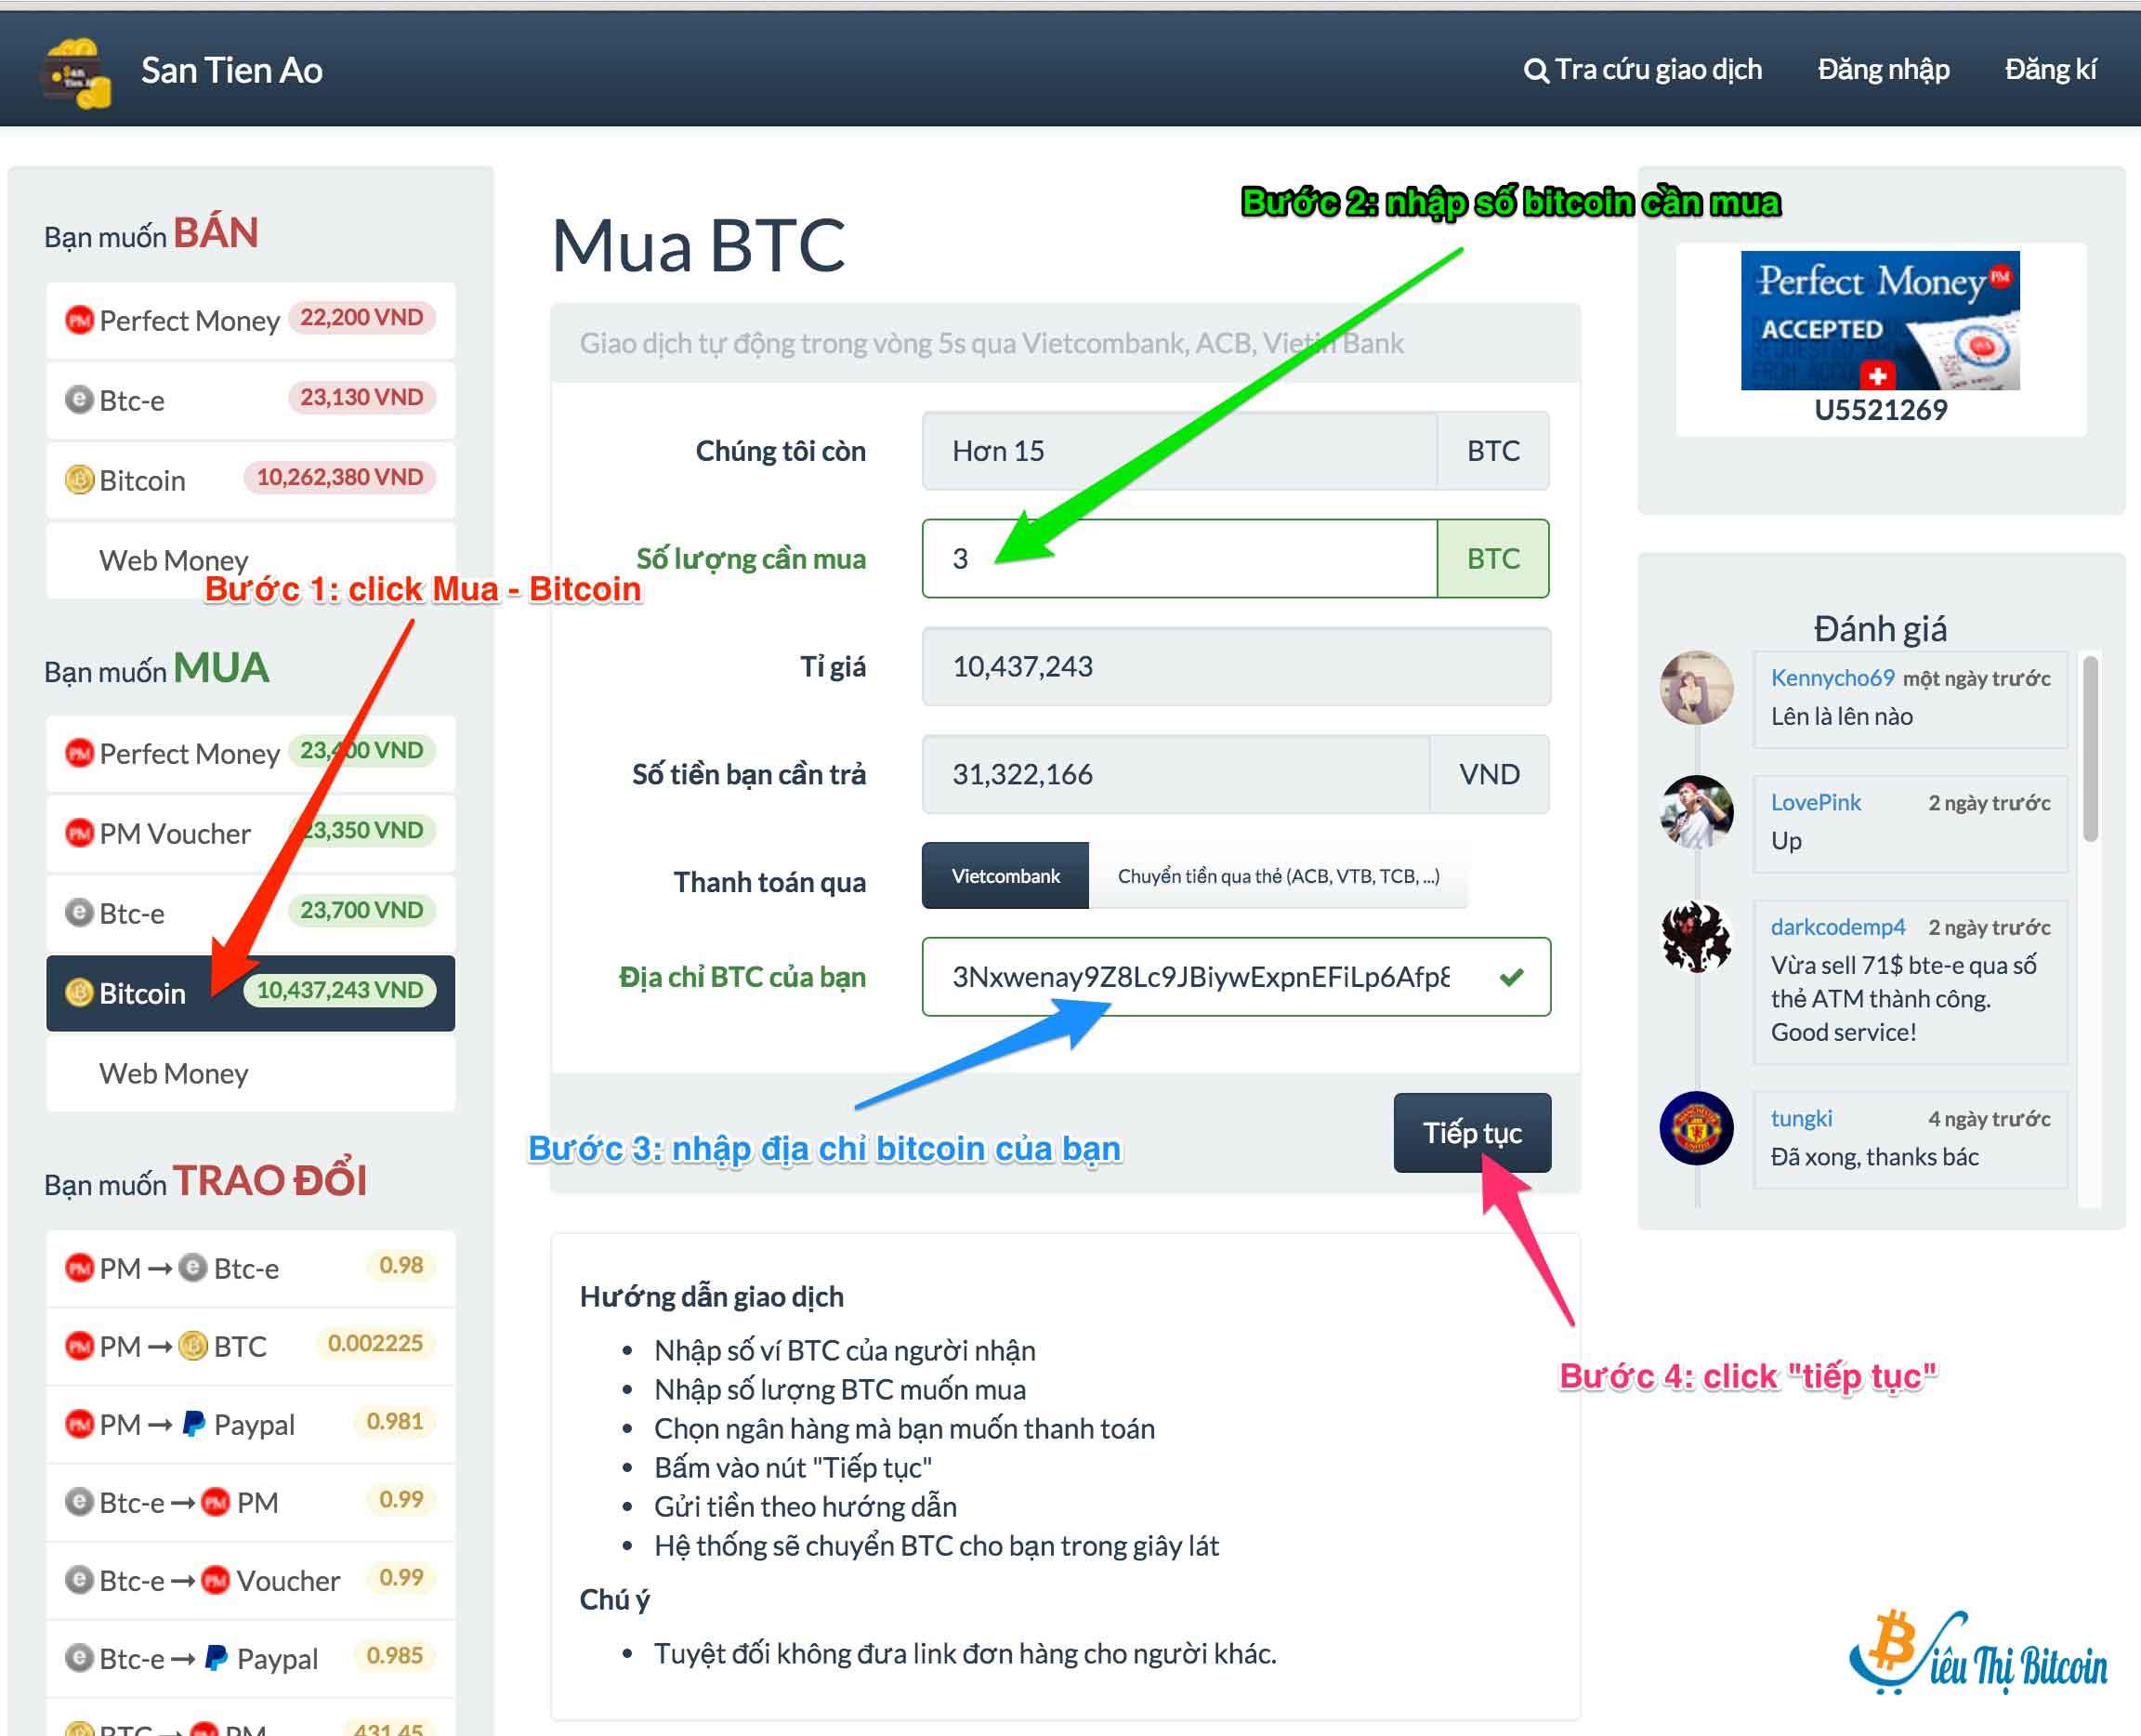 Hướng dẫn mua Bitcoin bằng VNĐ uy tín tại Santienao